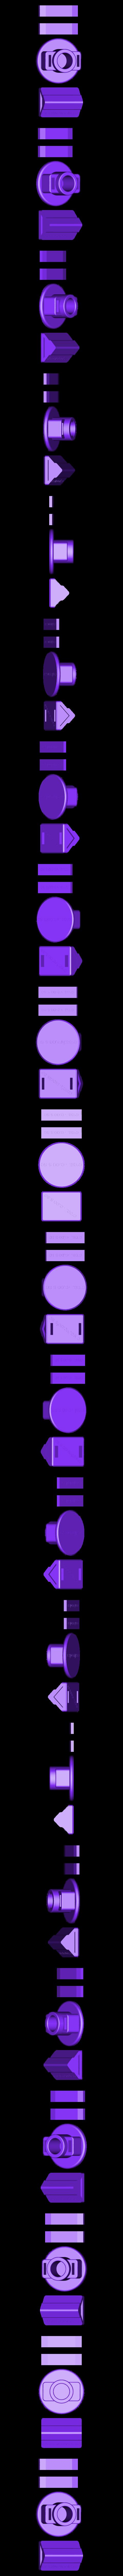 Well_Assembly_(Modular Castle Playset - 3D-printable)_By_CreativeTools.se.stl Télécharger fichier STL gratuit Plateau modulaire de château (imprimable en 3D) • Modèle à imprimer en 3D, CreativeTools